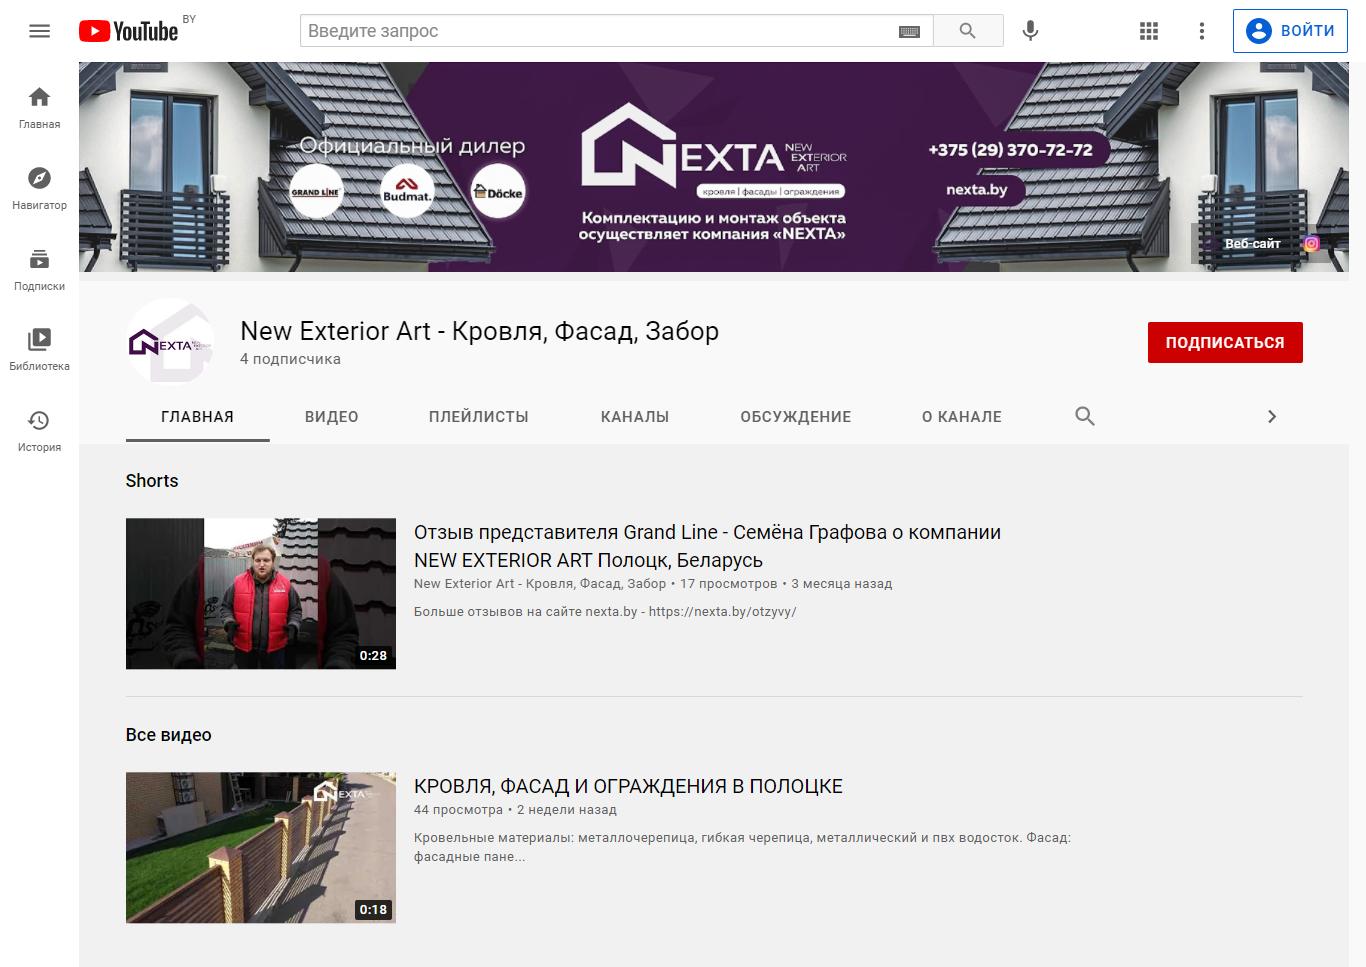 YouTube аккаунт компании NEXTA